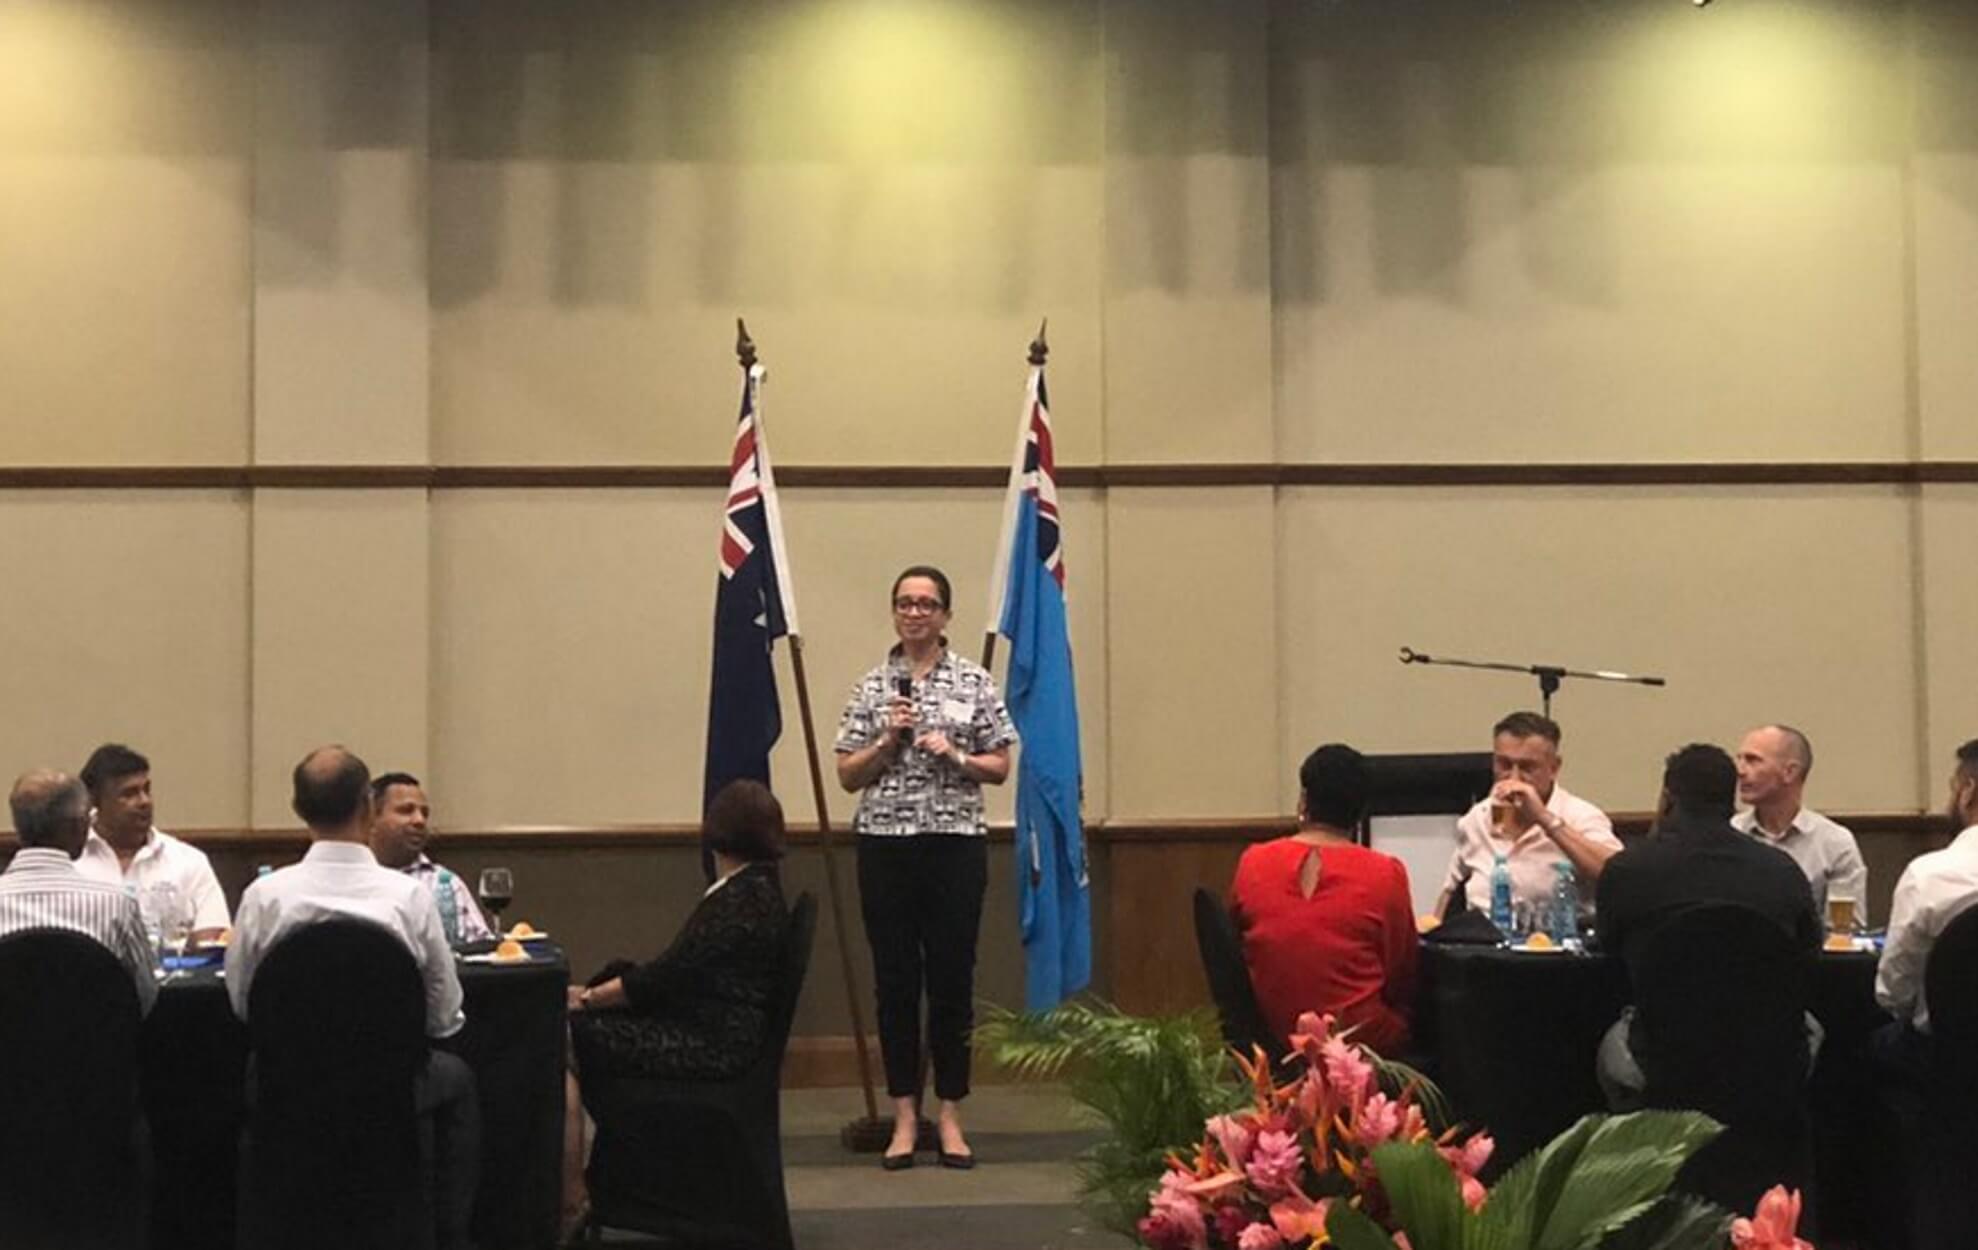 ΣΔΟΕ Αυστραλίας: Σεμινάρια υποκριτικής για καλύτερα αποτελέσματα!